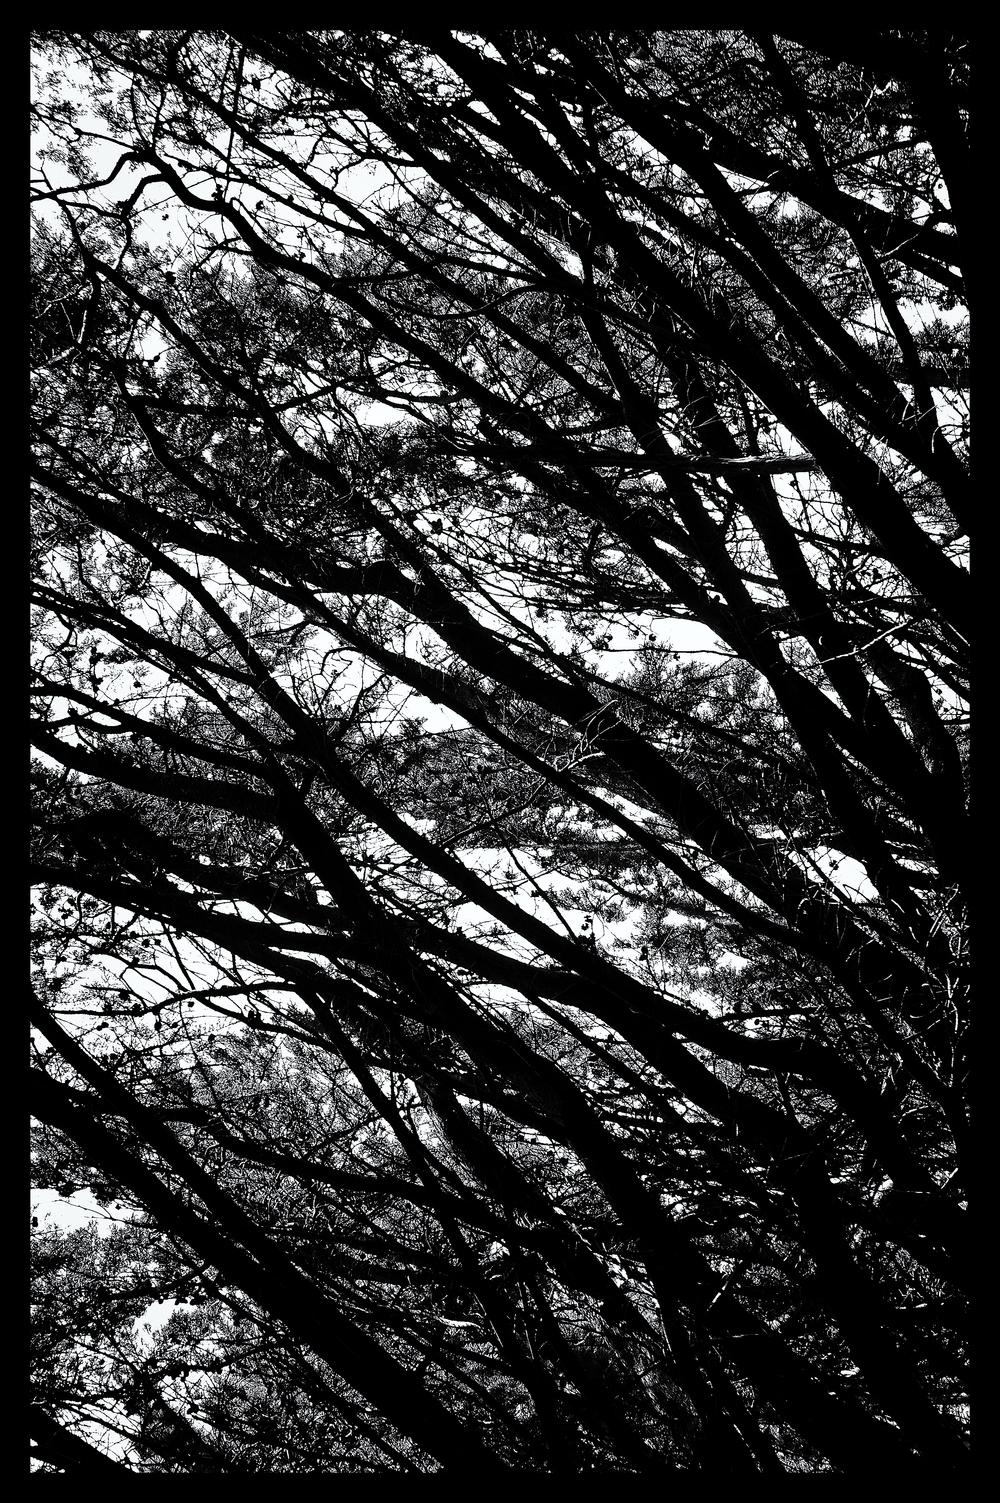 e-FOTOMDC TREES 4407.JPG